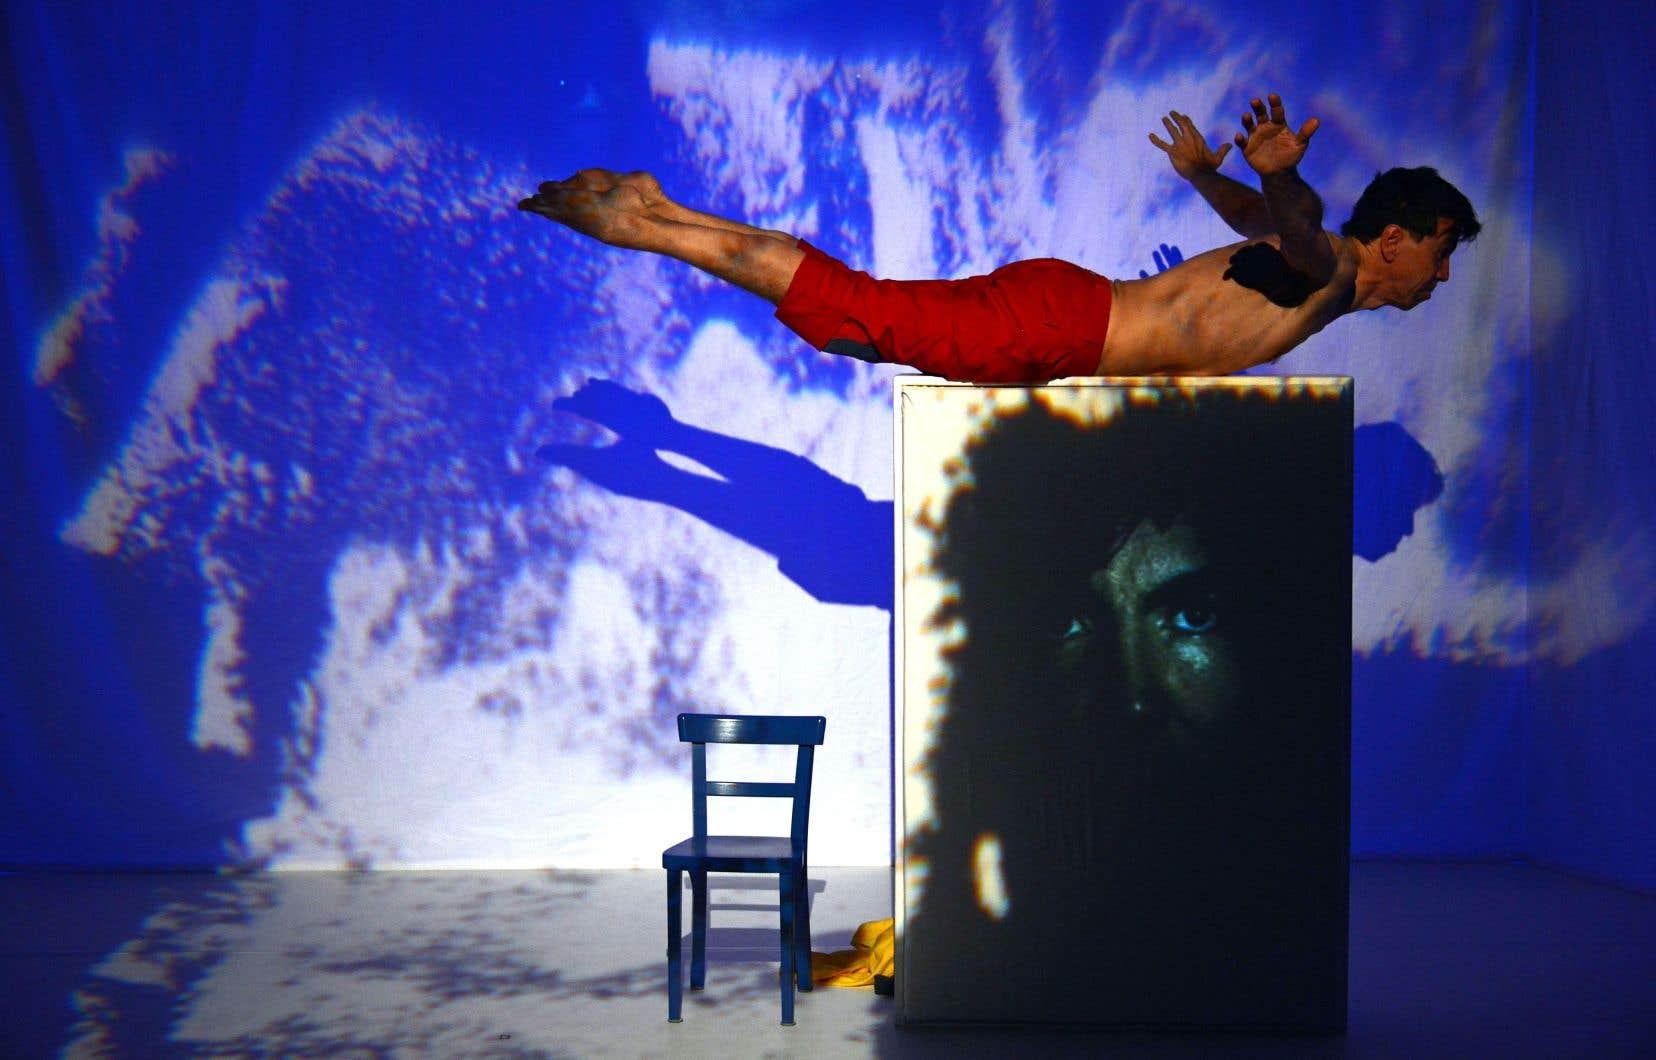 L'environnement visuel de la pièce est signé par l'artiste Janice Siegrist.